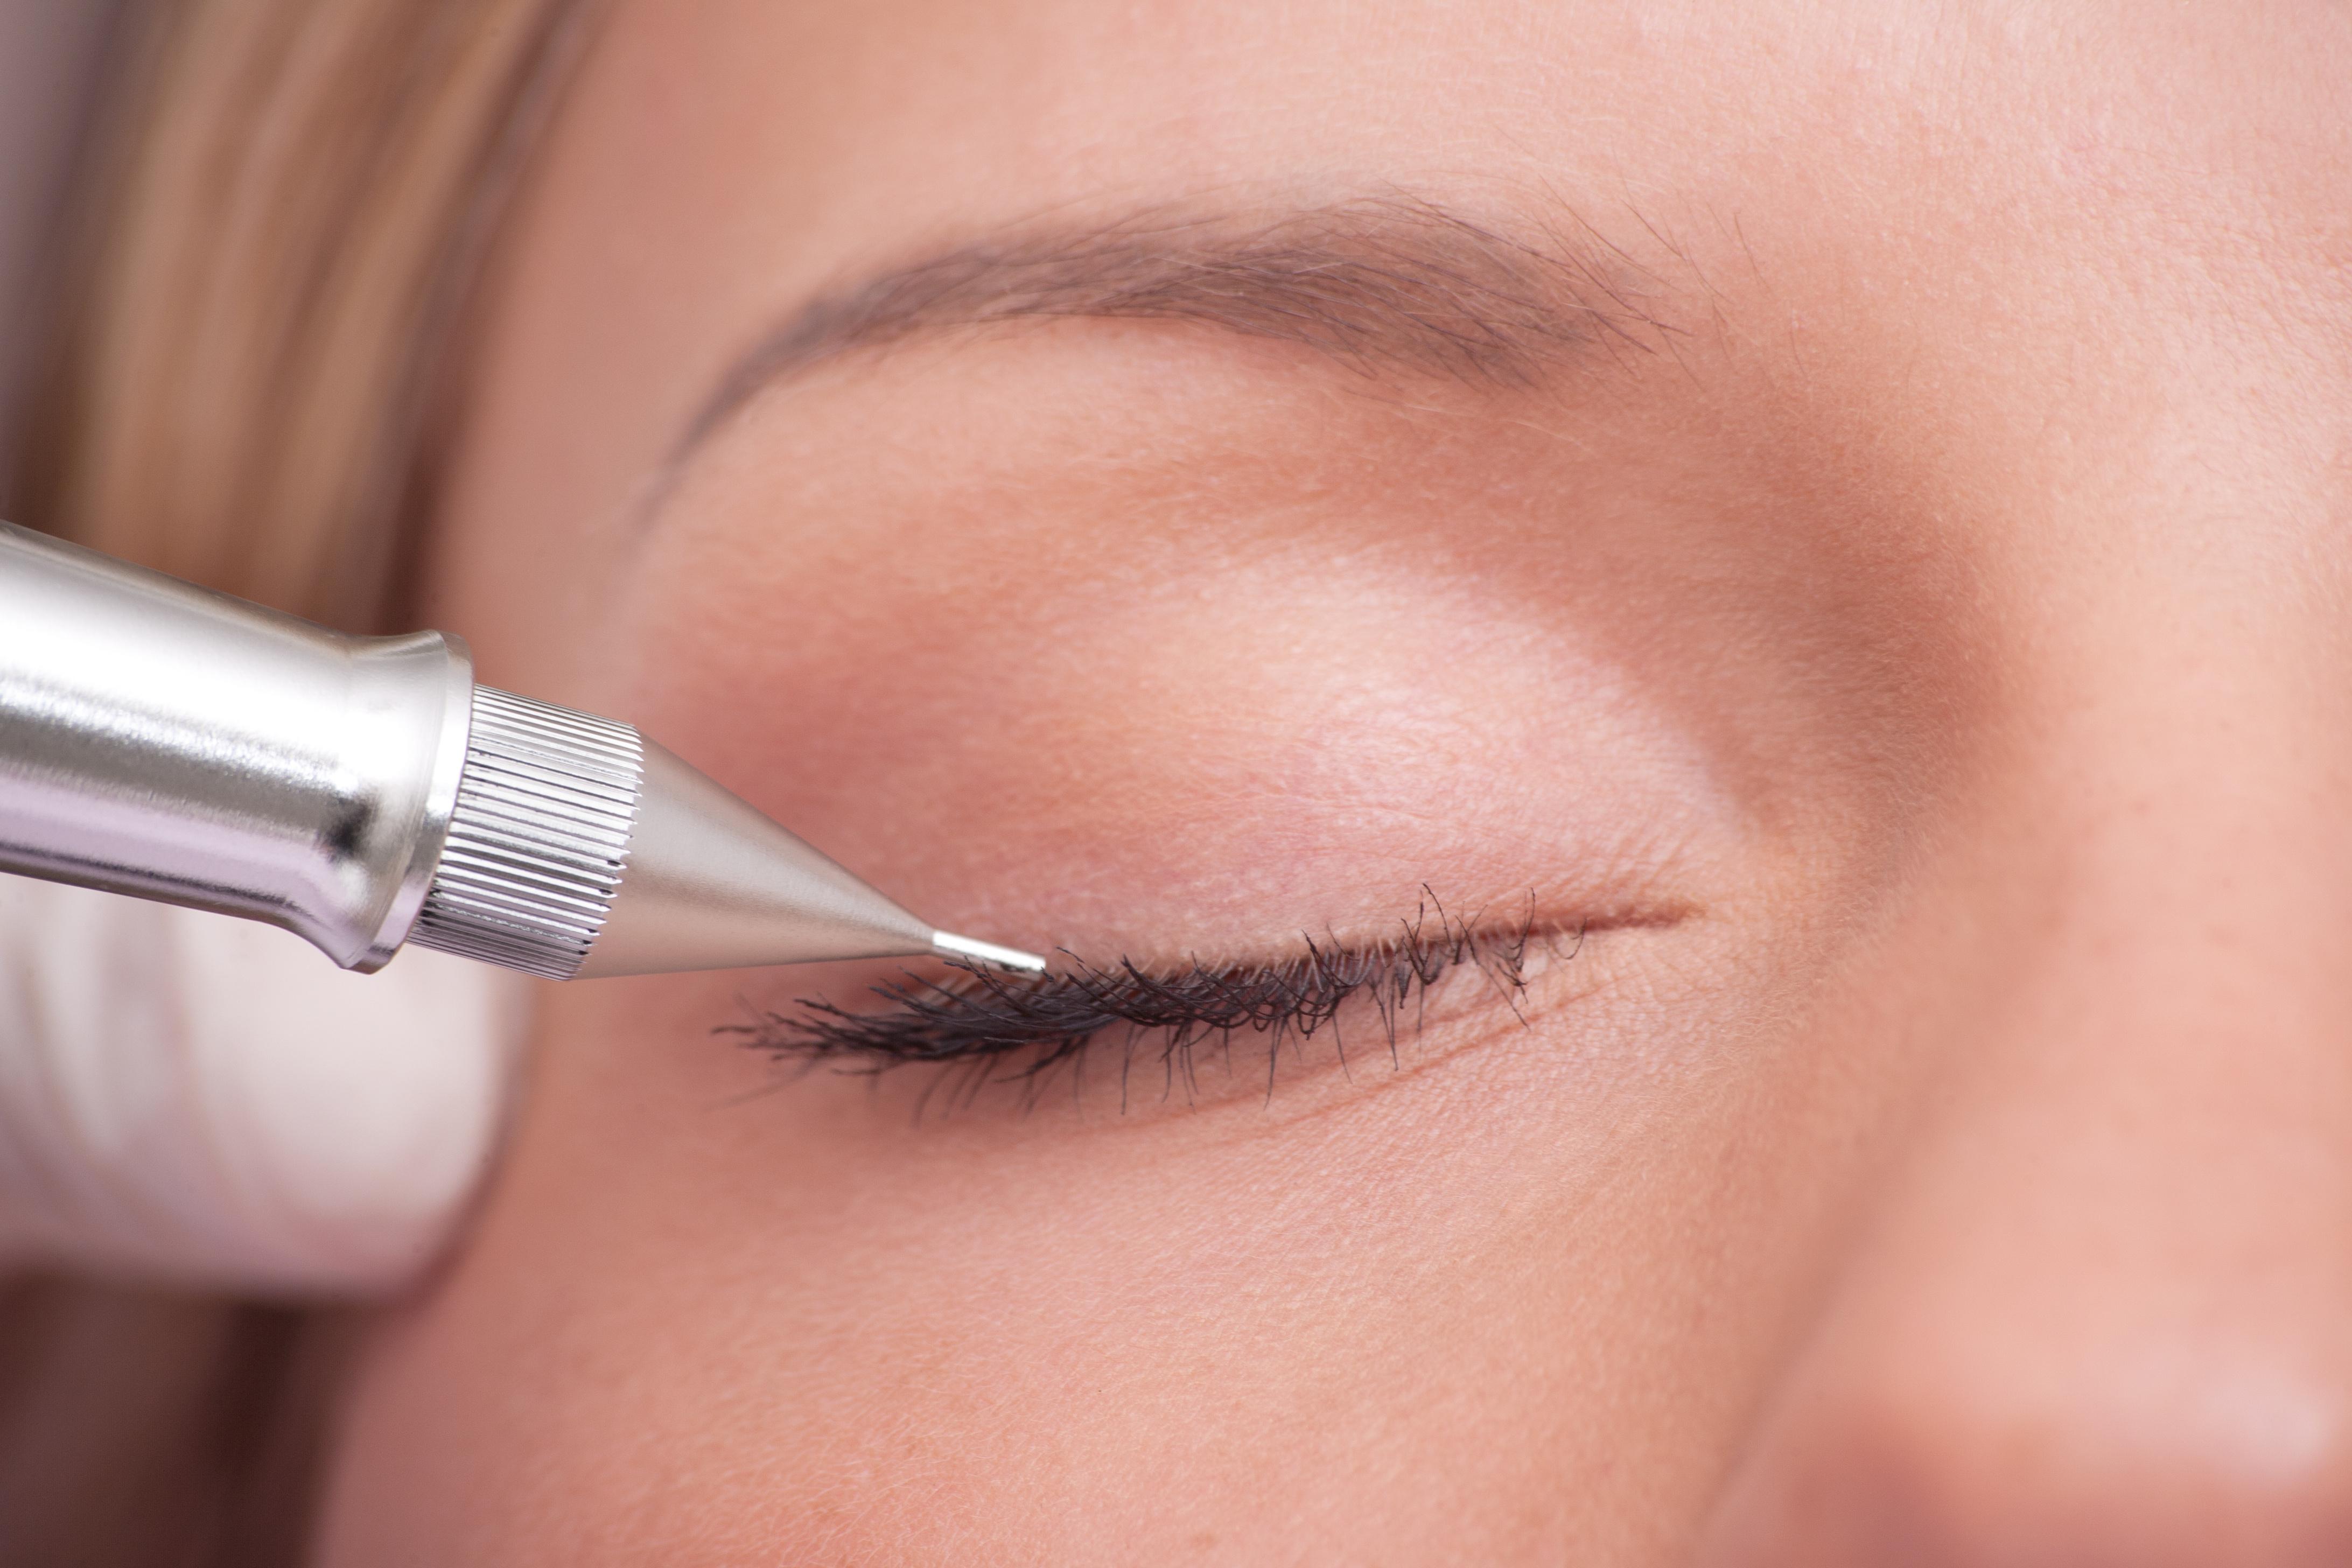 makijaż permanentny oczu co to jest